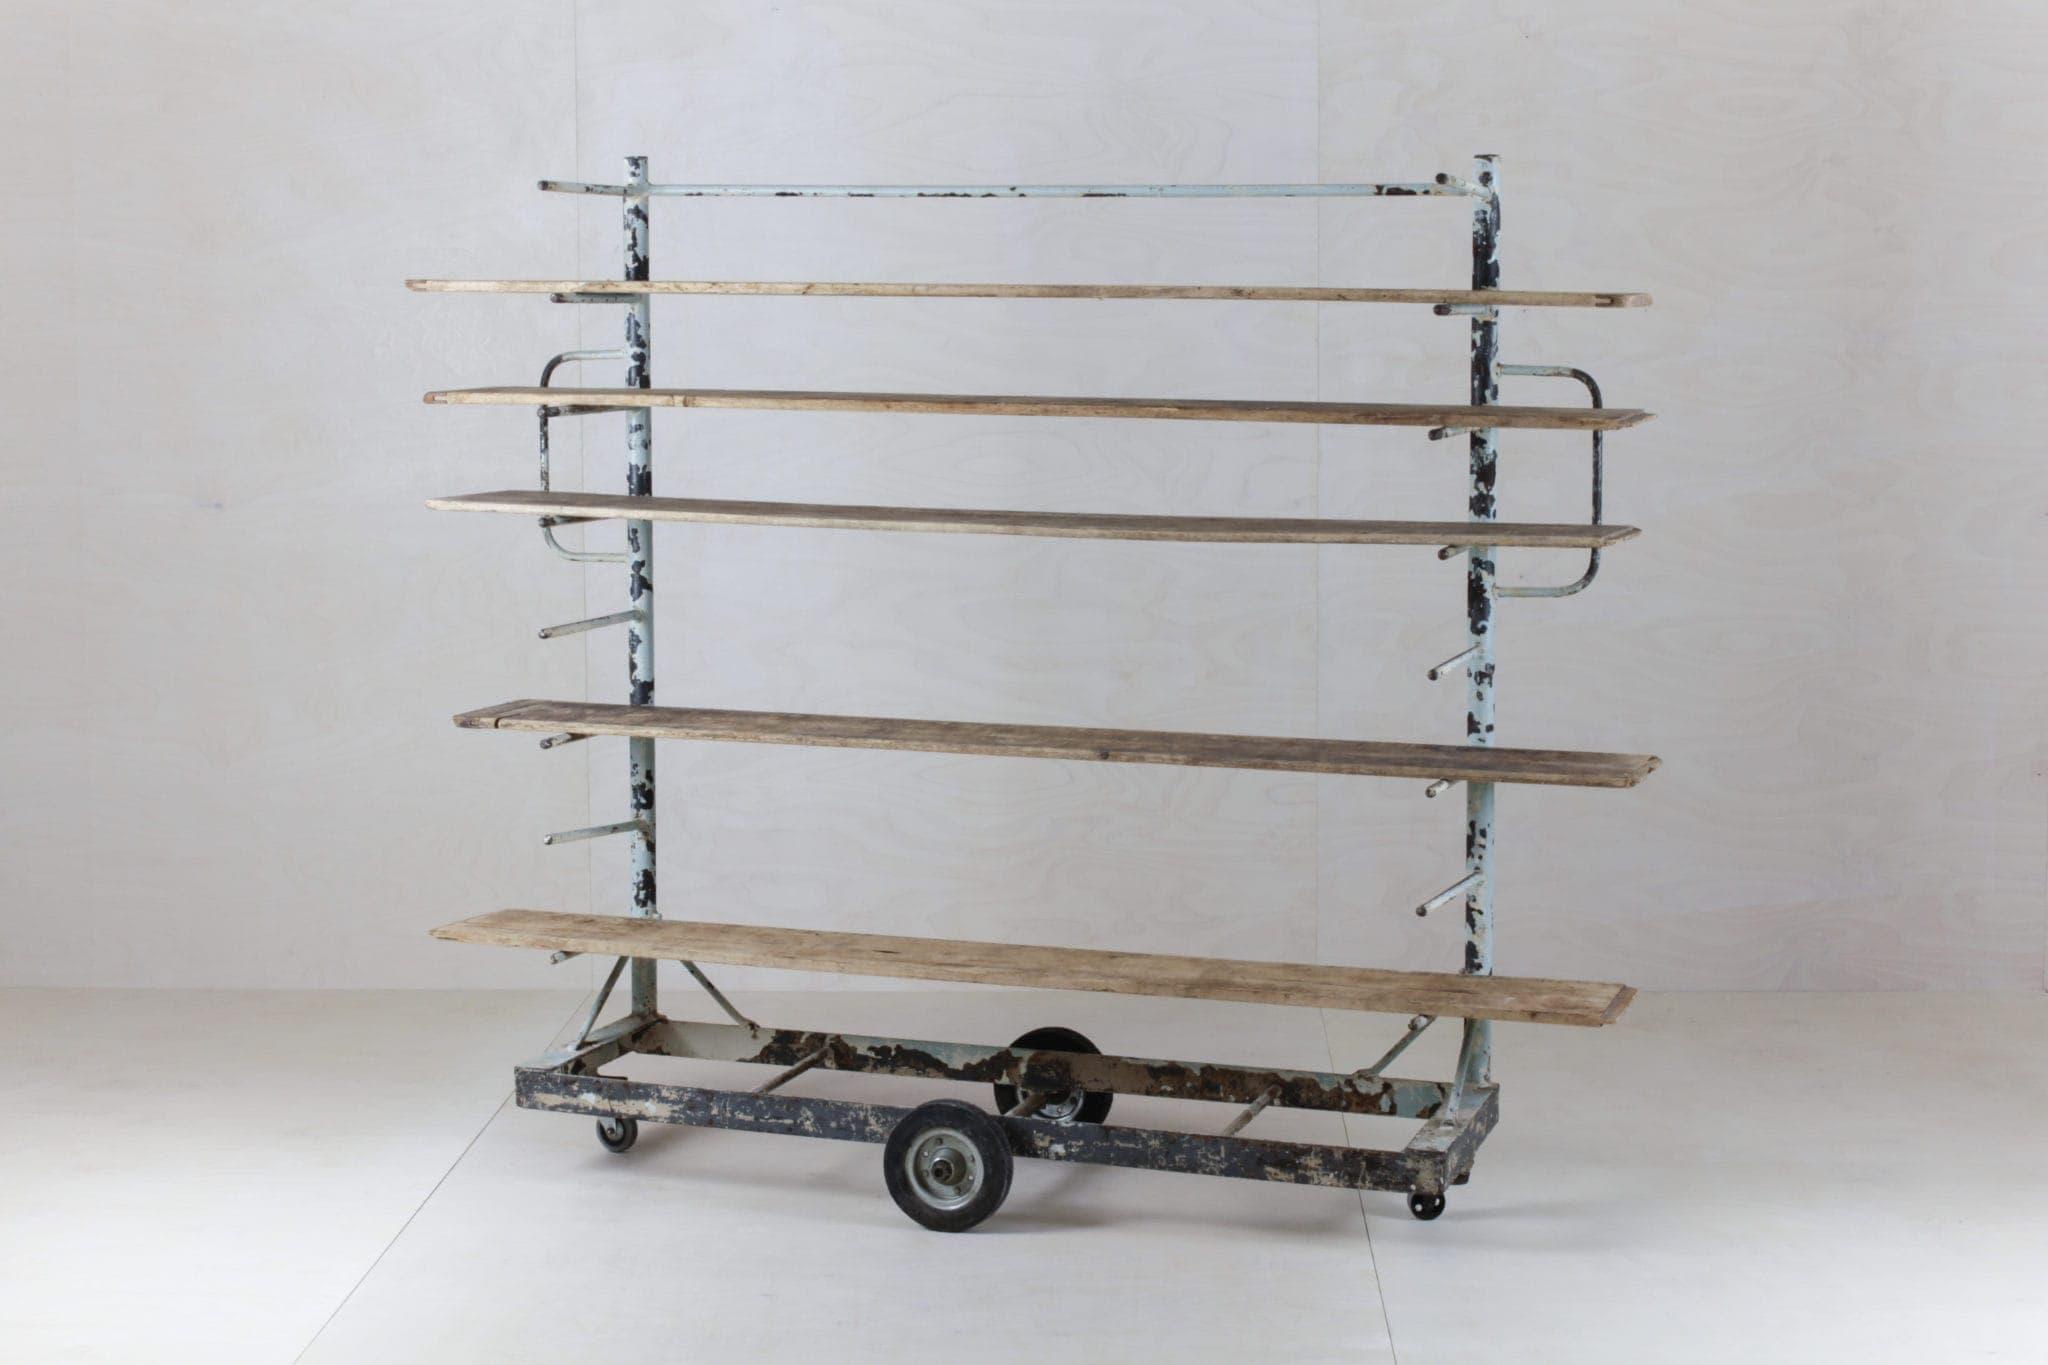 Vintage Bäckerwagen mieten, Produktpäsentation Regal mieten